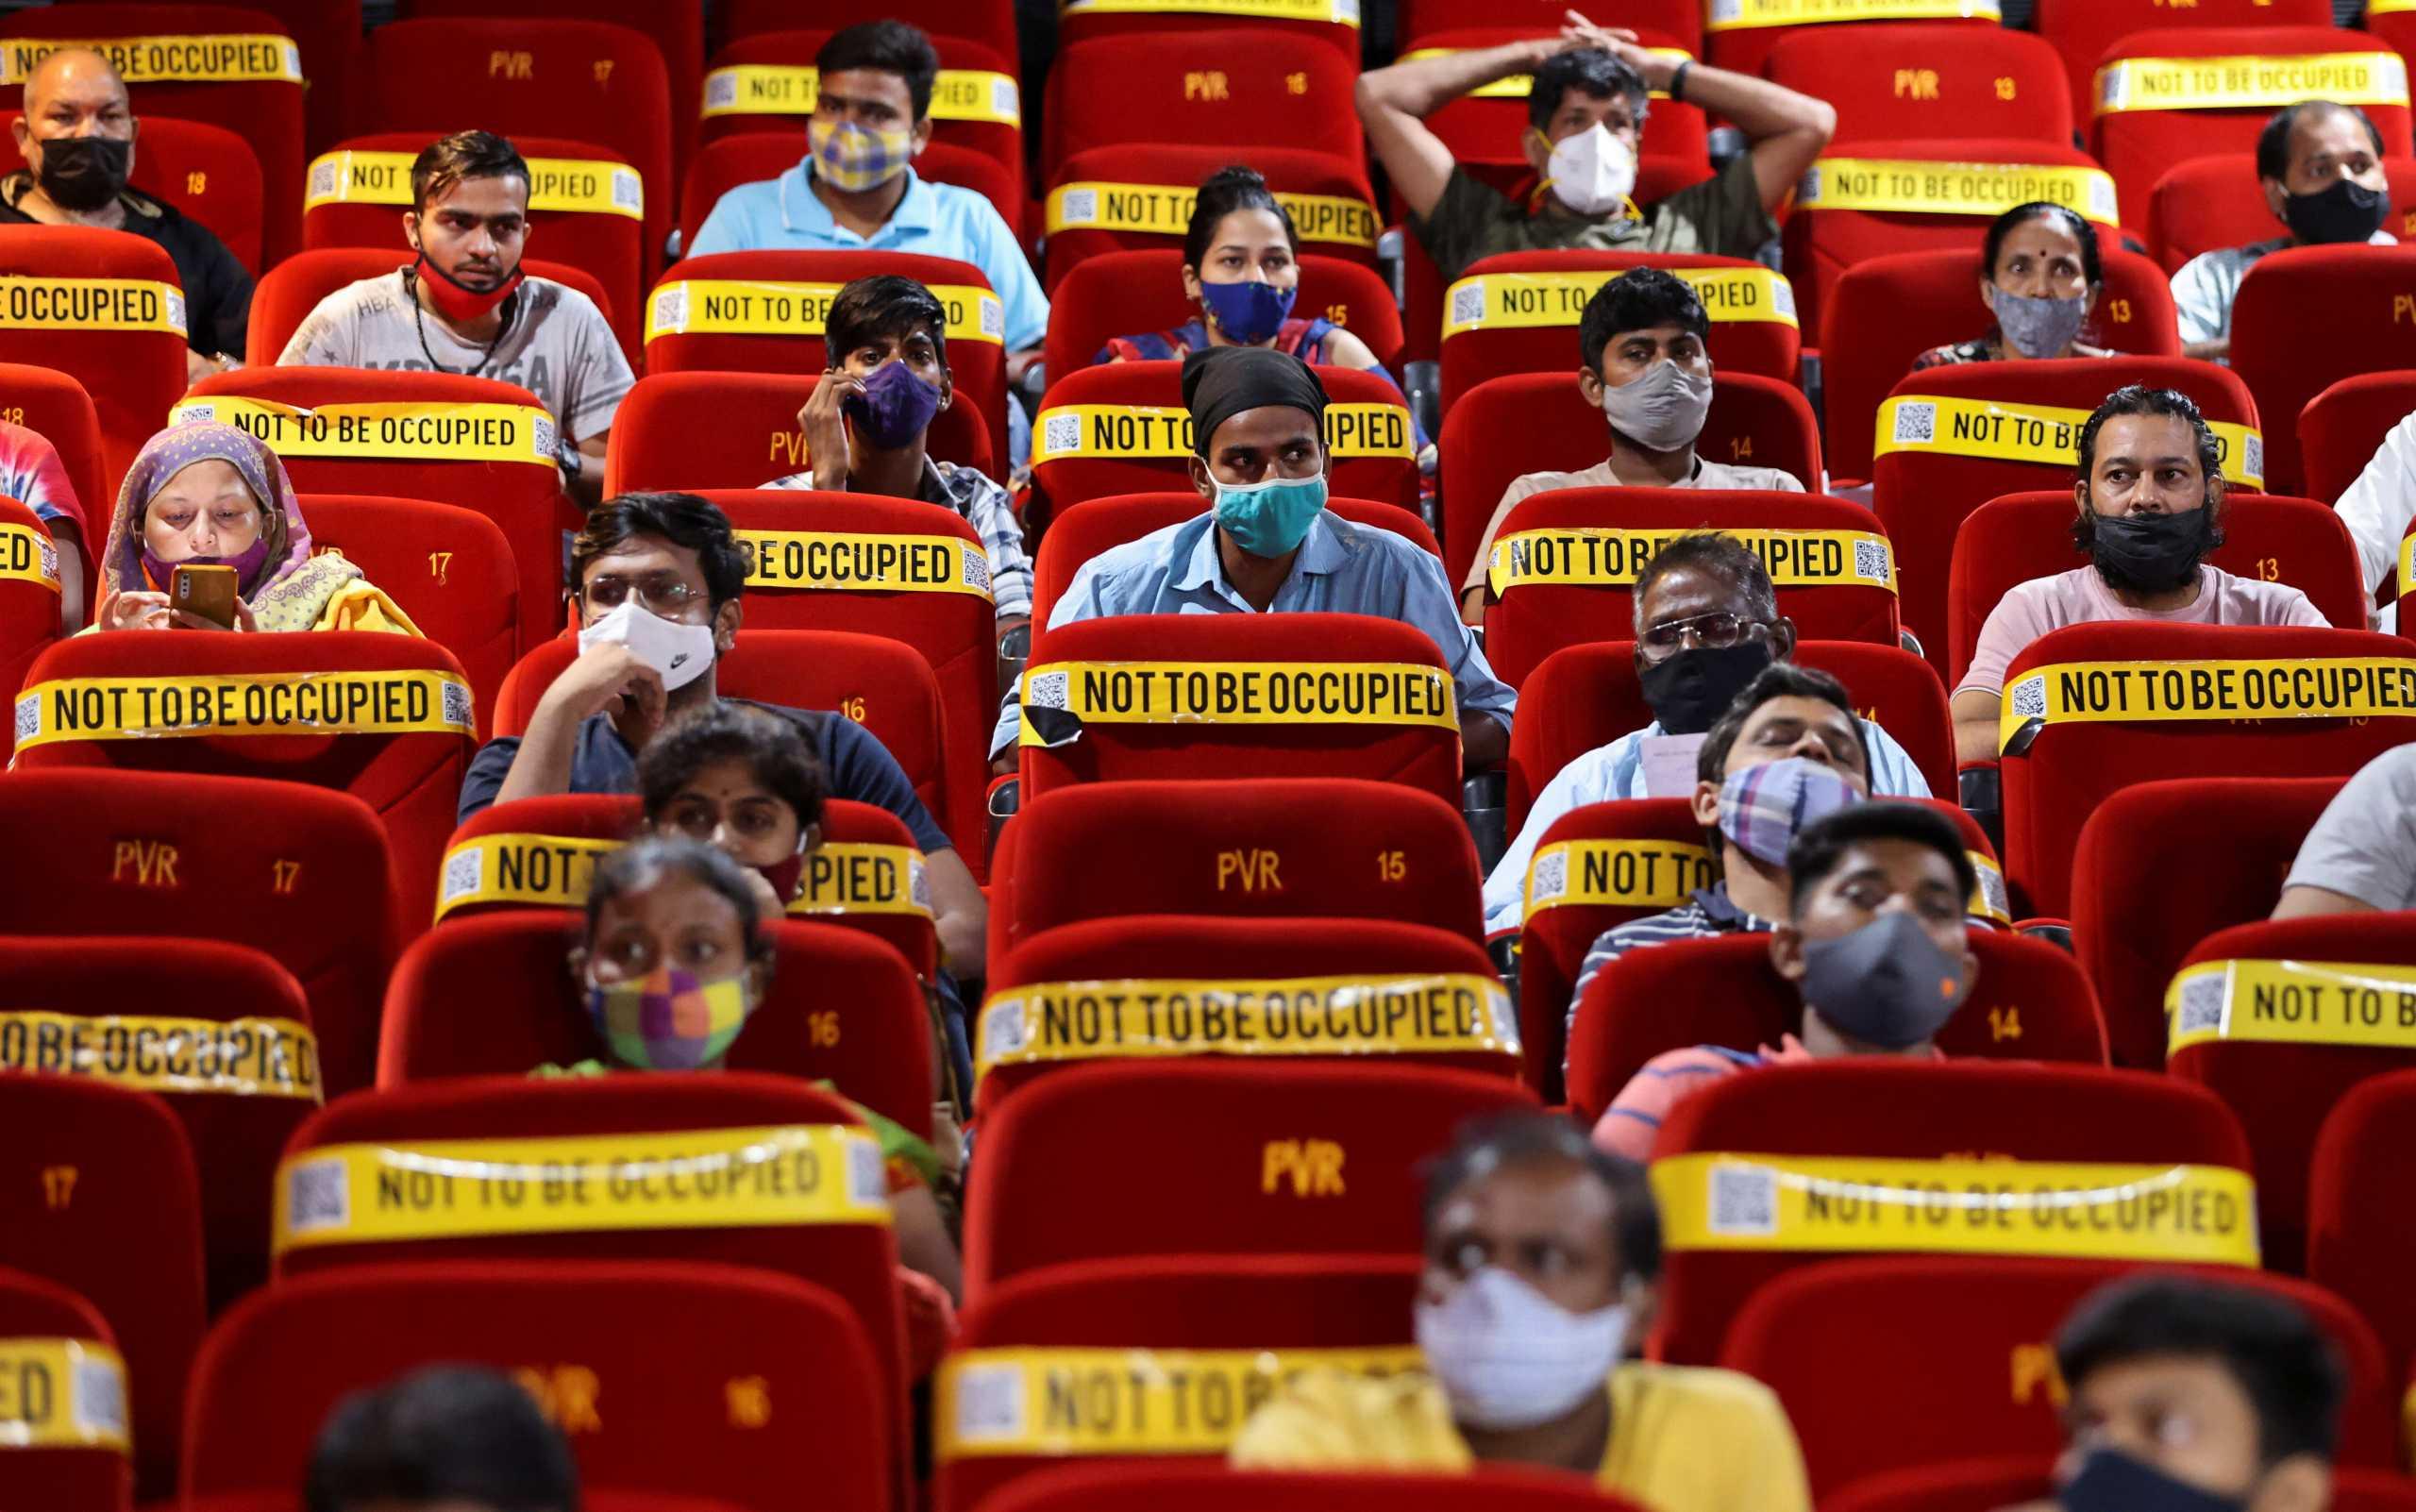 Η Ινδία έφτιαξε το πρώτο εμβόλιο DNA κατά του κορονοϊού – Εγκρίθηκε για επείγουσα χρήση